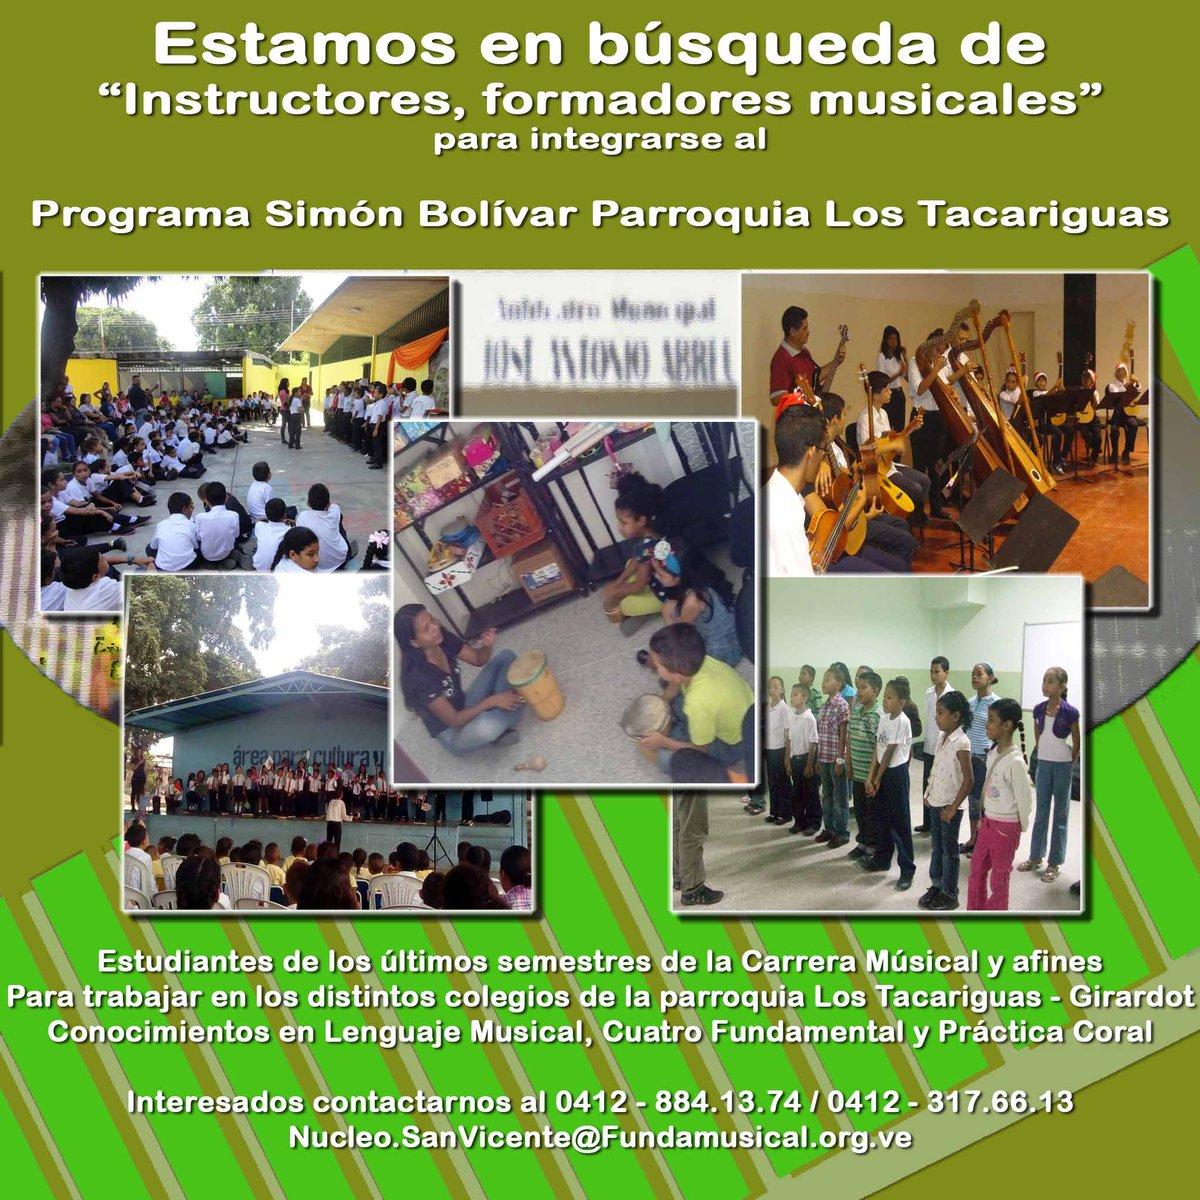 Atención! estamos en la búsqueda de Formadores Integrales para forma parte del Programa Simón Bolívar de nuestro #NucleoSanVicente #Maracay para nuestro periodo académico 2019-2020. Estudiantes de música, graduados y afines. Medio Tiempo, beneficios sociales. #RTExtraLife